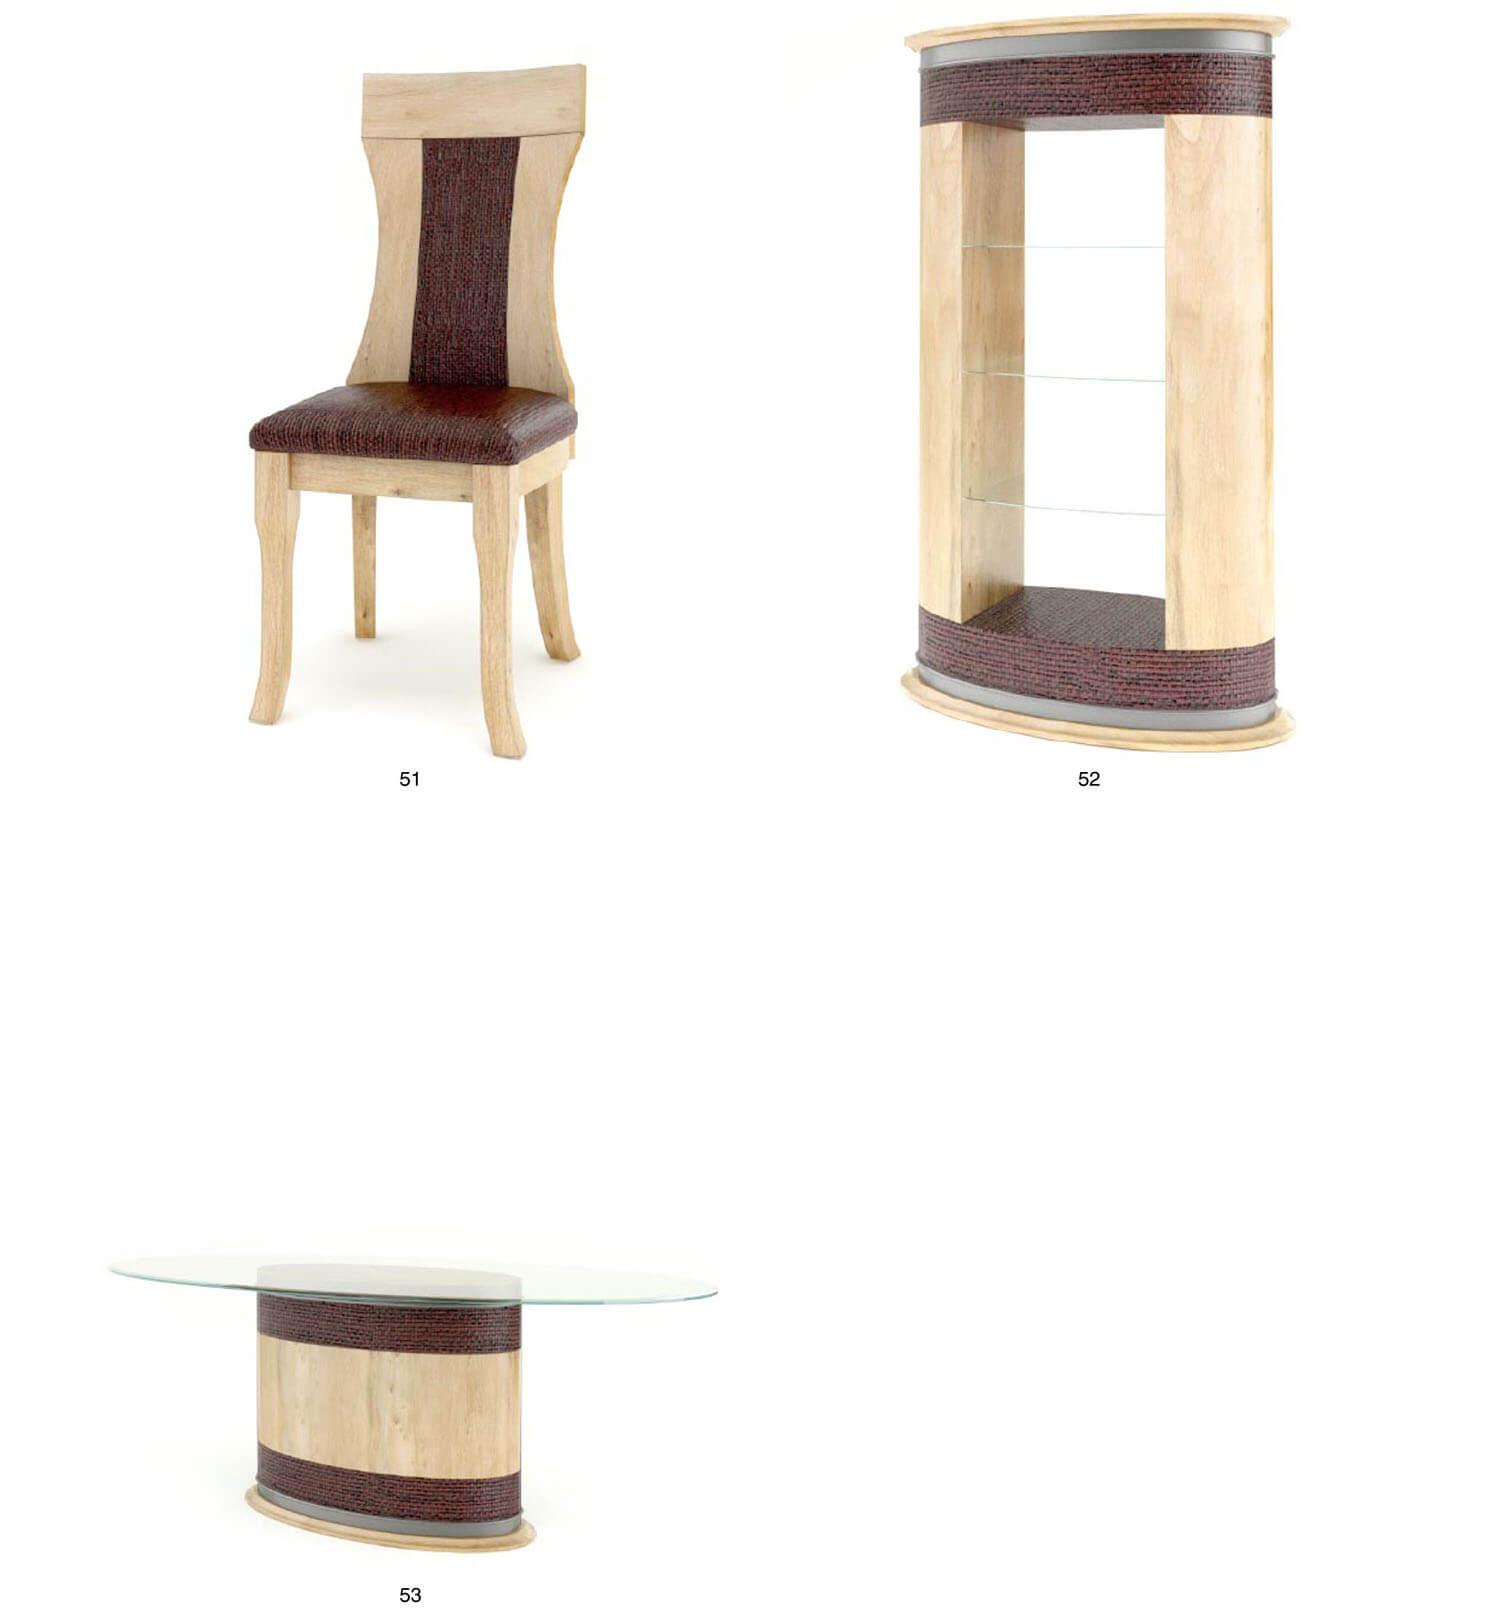 Bàn ghế cổ được cách tân, cũng khá hay và sáng tạo